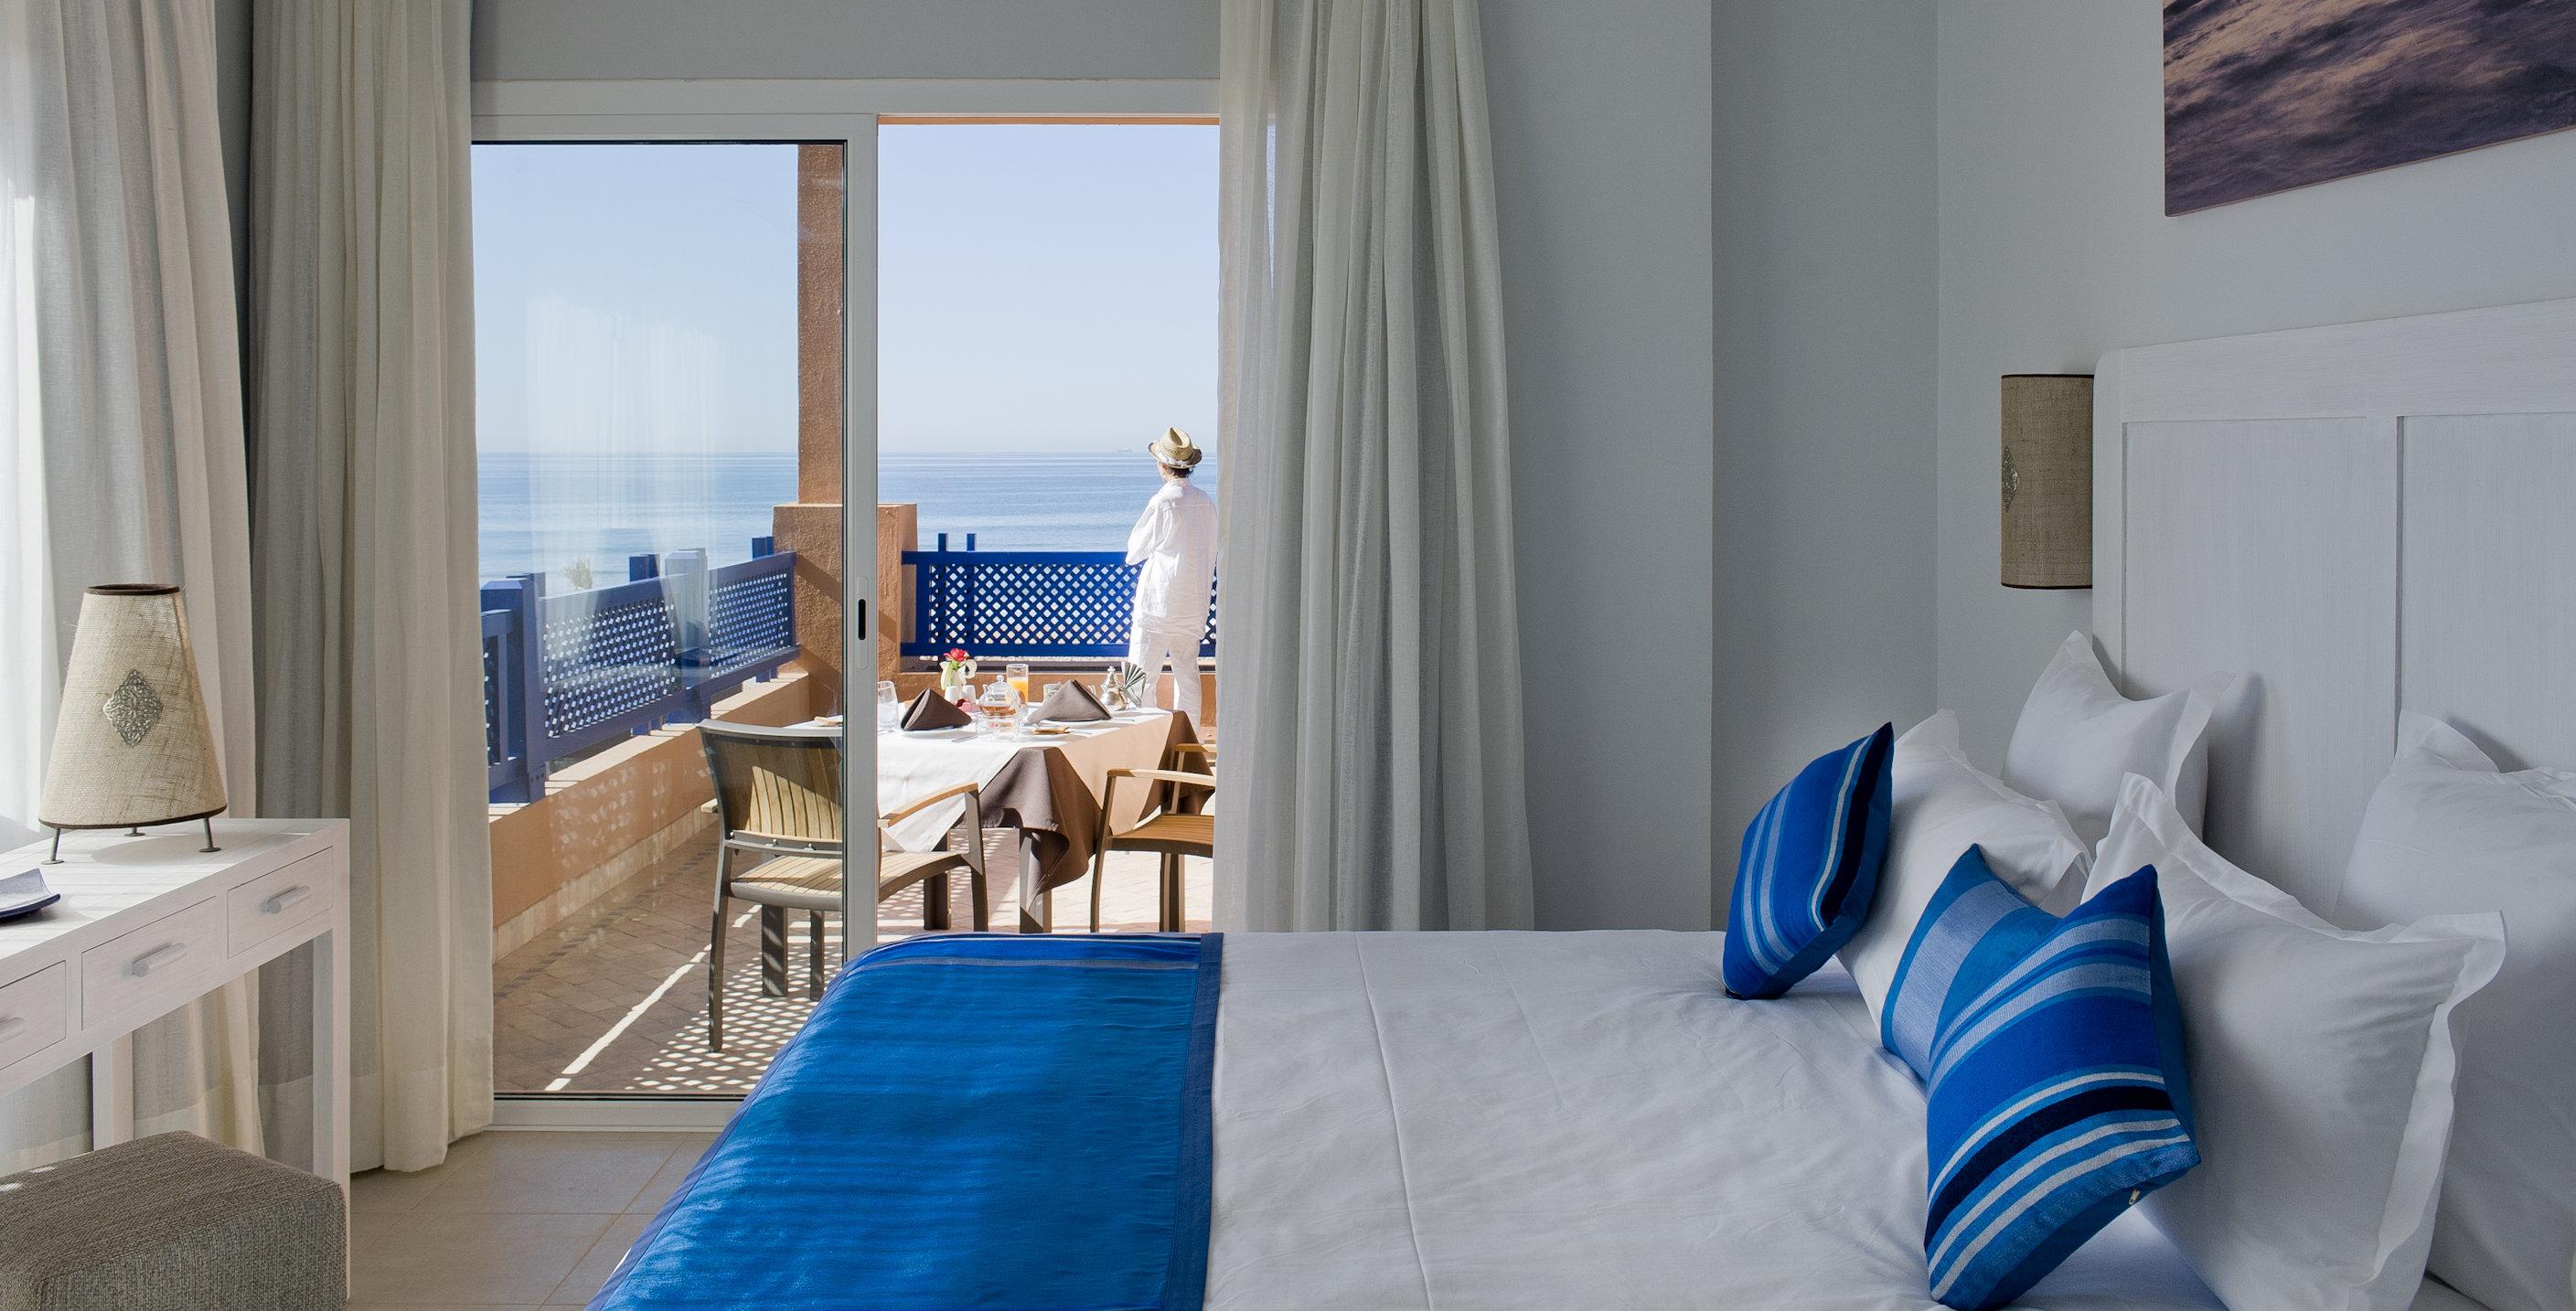 paradis-plage-luxury-accommodation